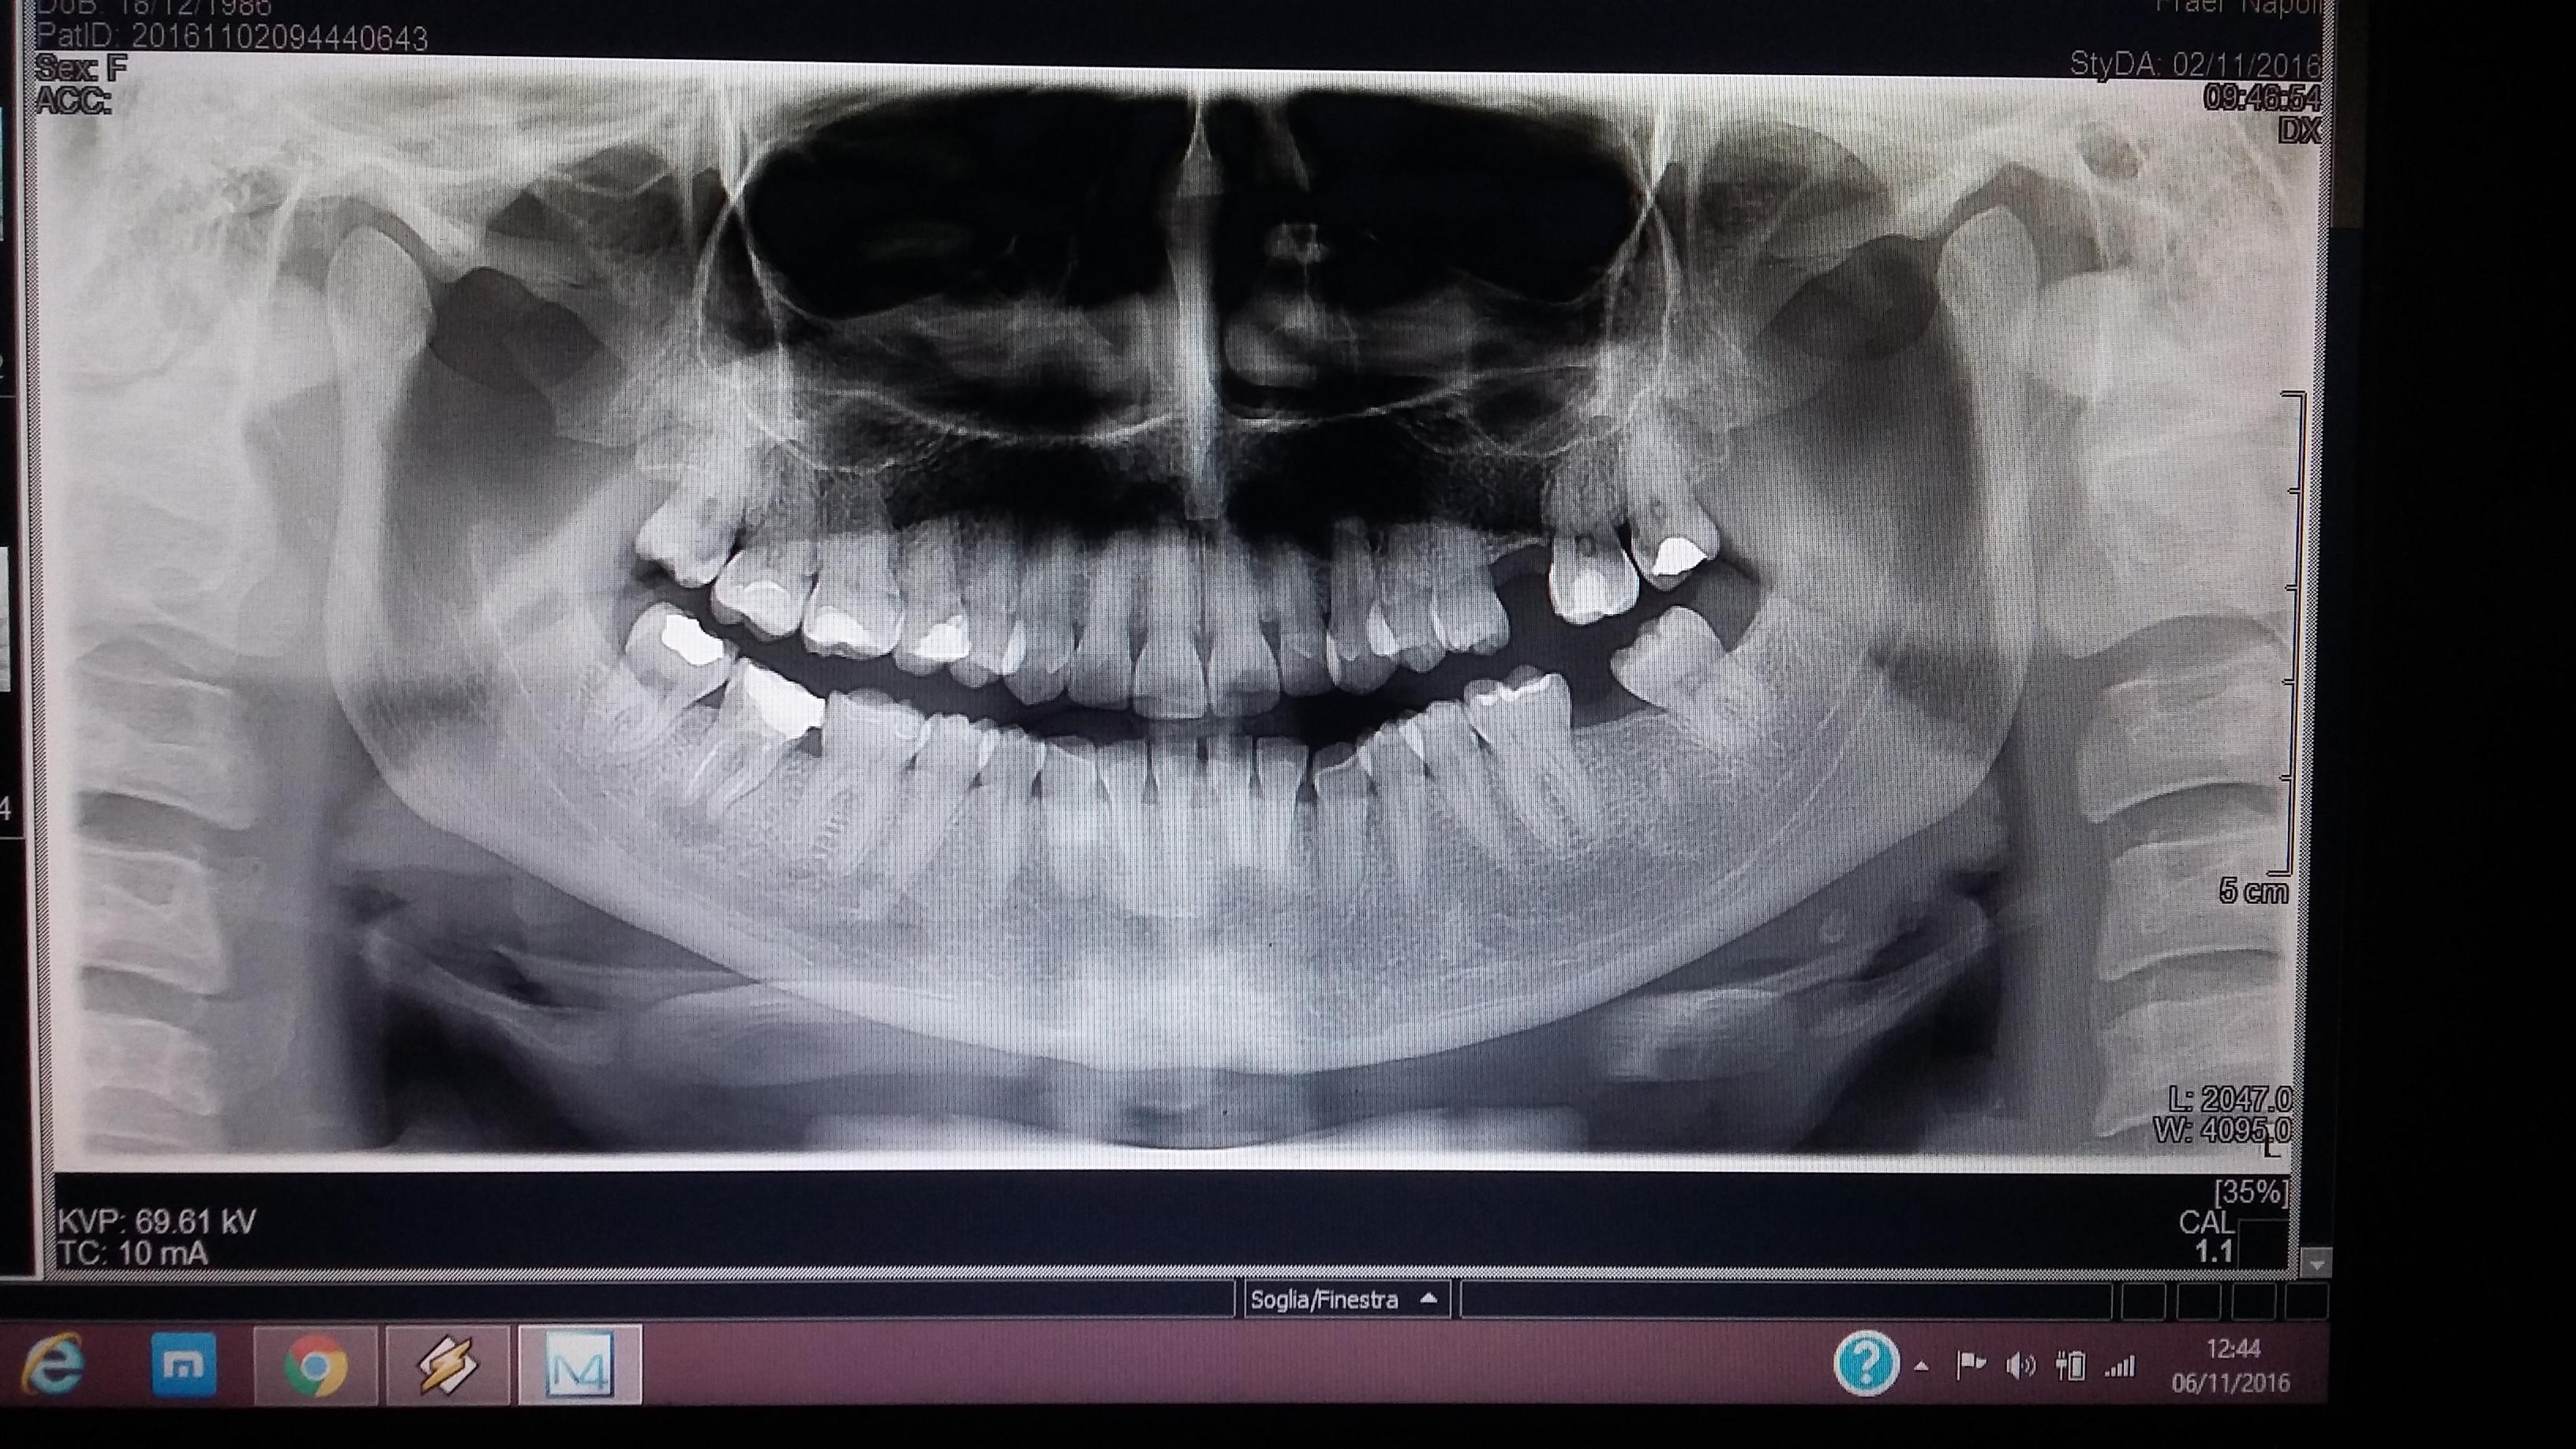 Secondo voi il dente 47 va estratto?